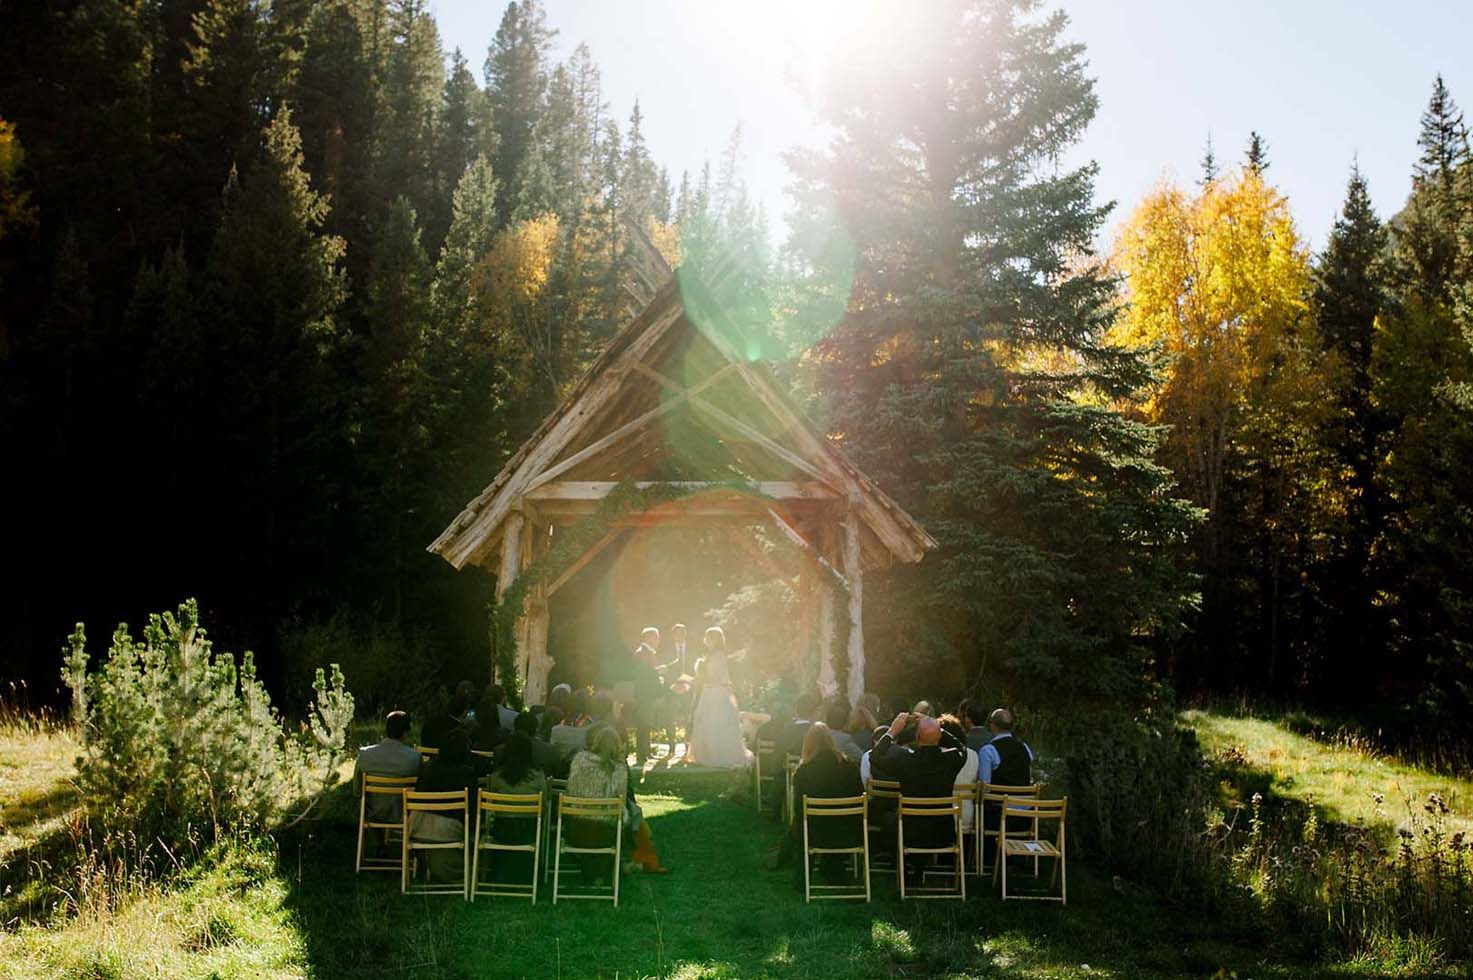 Weddings (With images) | Colorado wedding venues